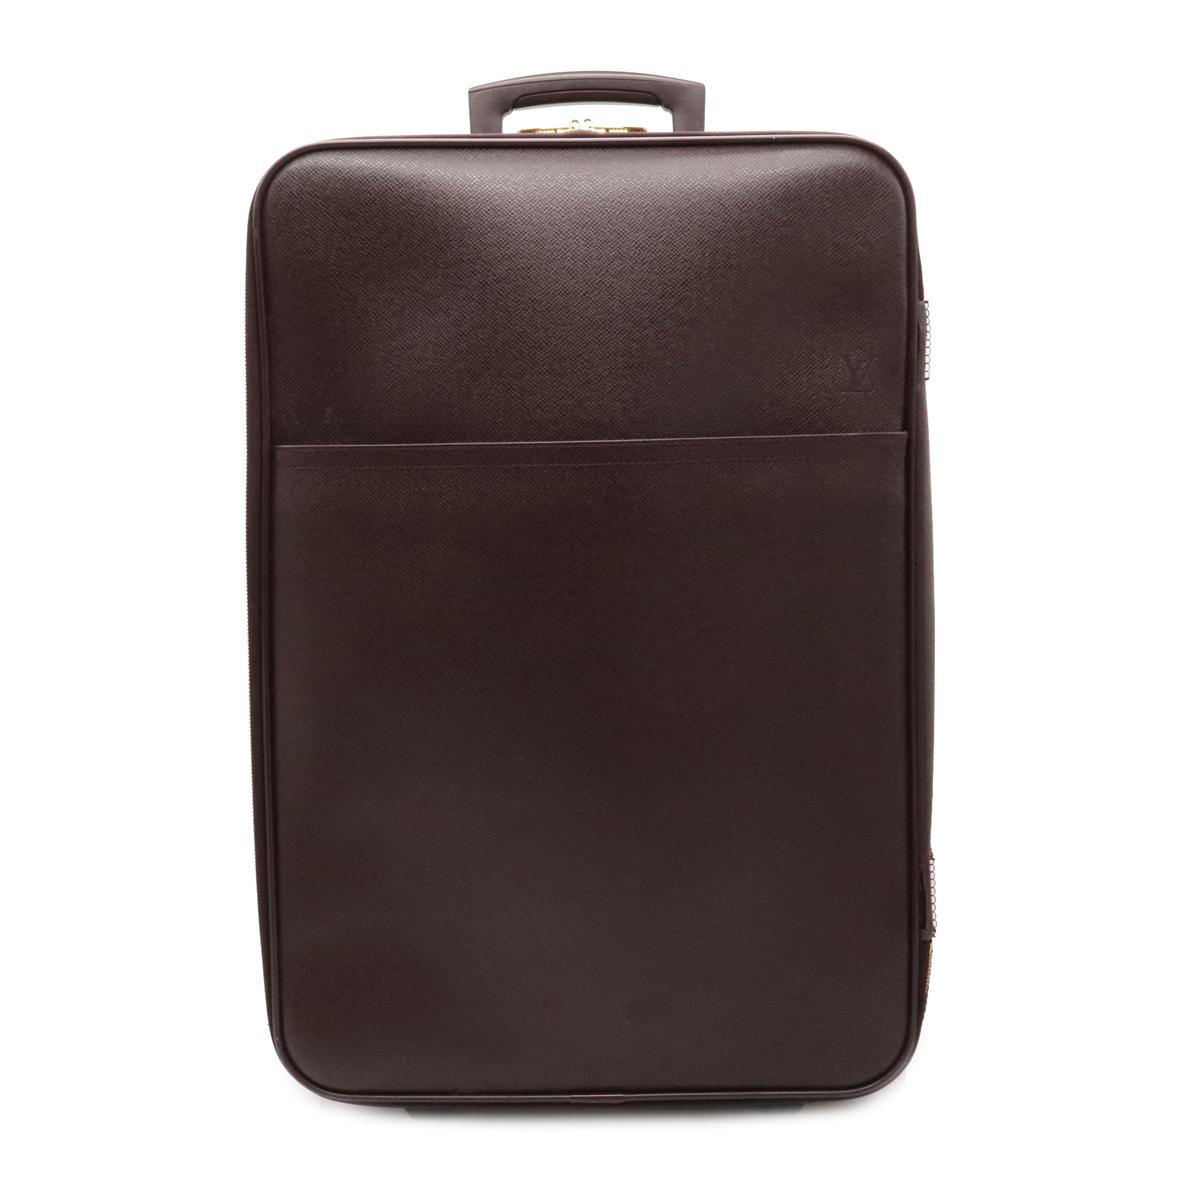 バッグ LOUIS VUITTON 訳あり ルイ ヴィトン タイガ ペガス60 オンラインショッピング スーツケース アカジュー 中古 旅行用 M23266 キャスター付 キャリーバッグ キャリーケース